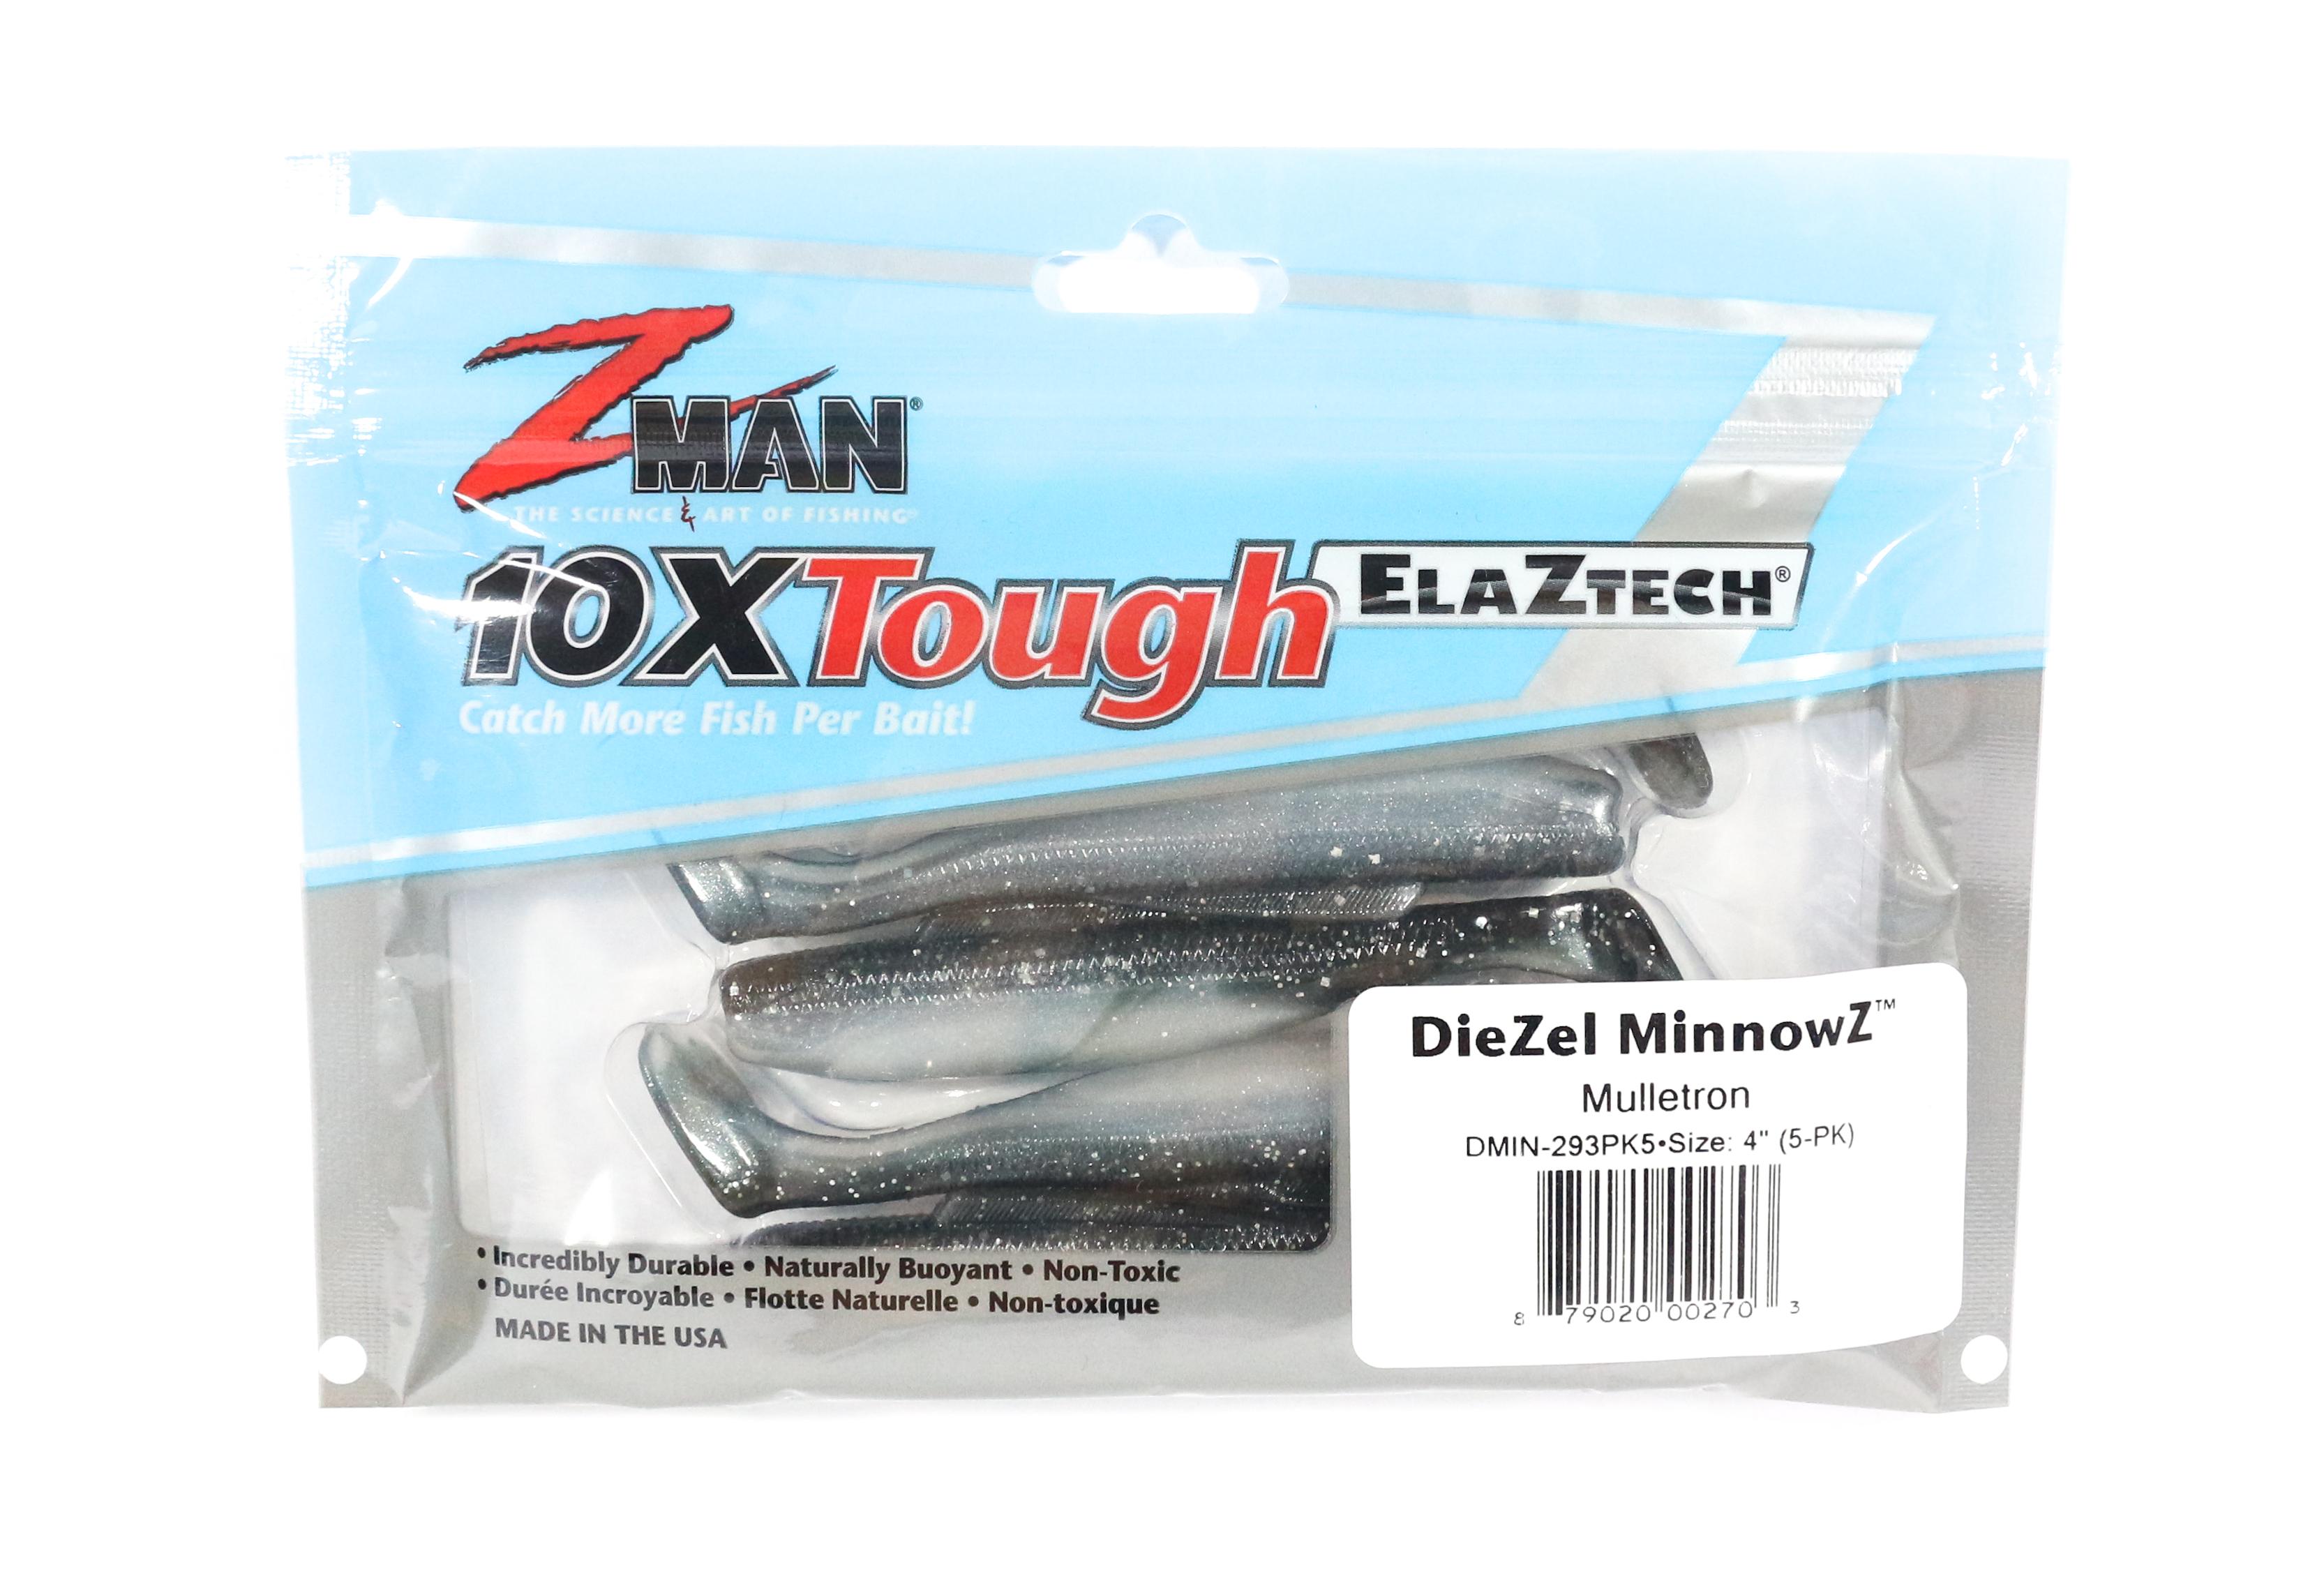 Soft Lure Hard Leg Frogz 4 Inch 3 per pack Mud Minnow Zman 0440